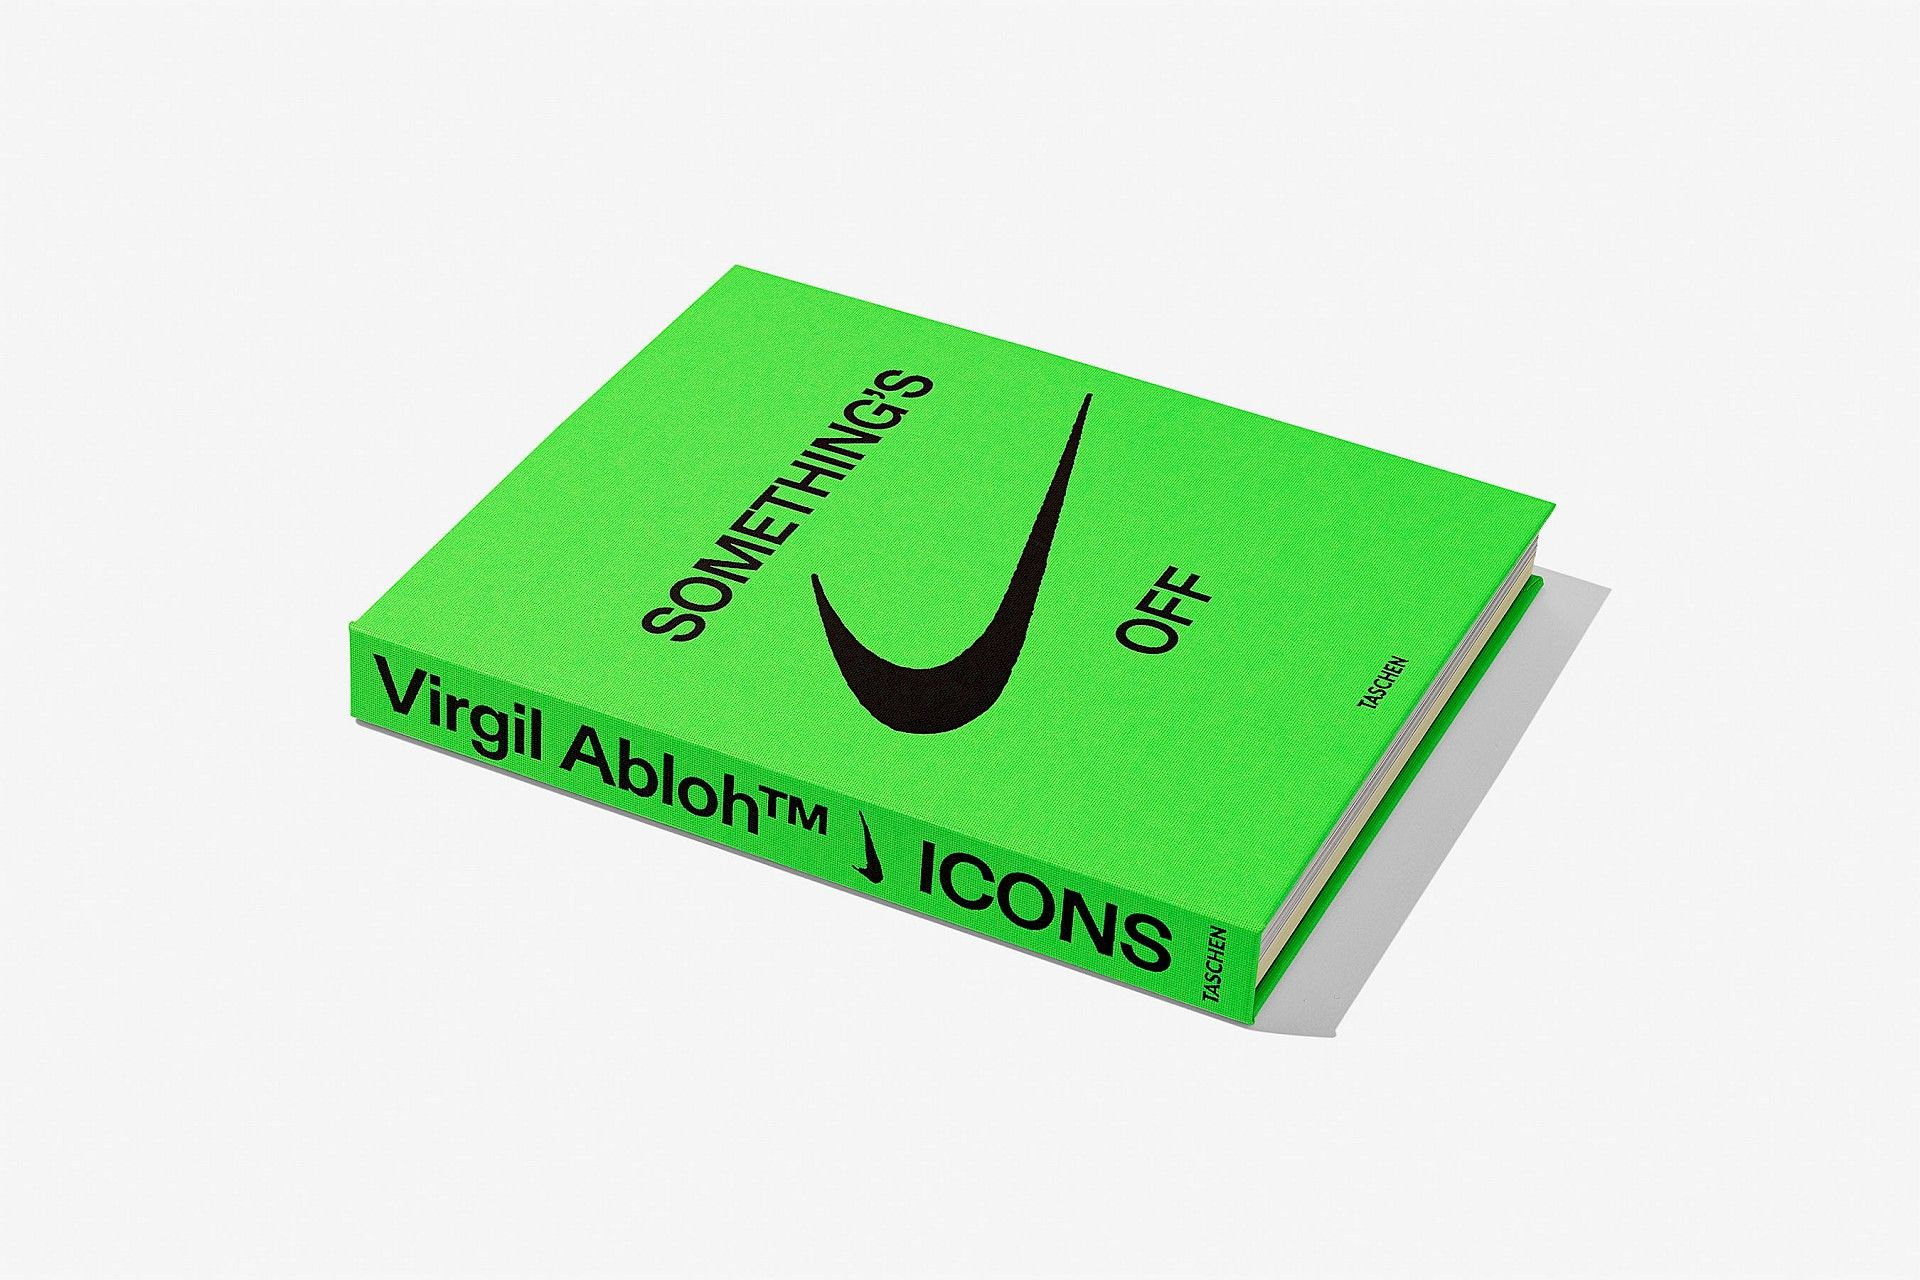 Taschen Verlag - Somethings Off Buch - Virgil Abloh - Off-White - ISBN 9783836585095